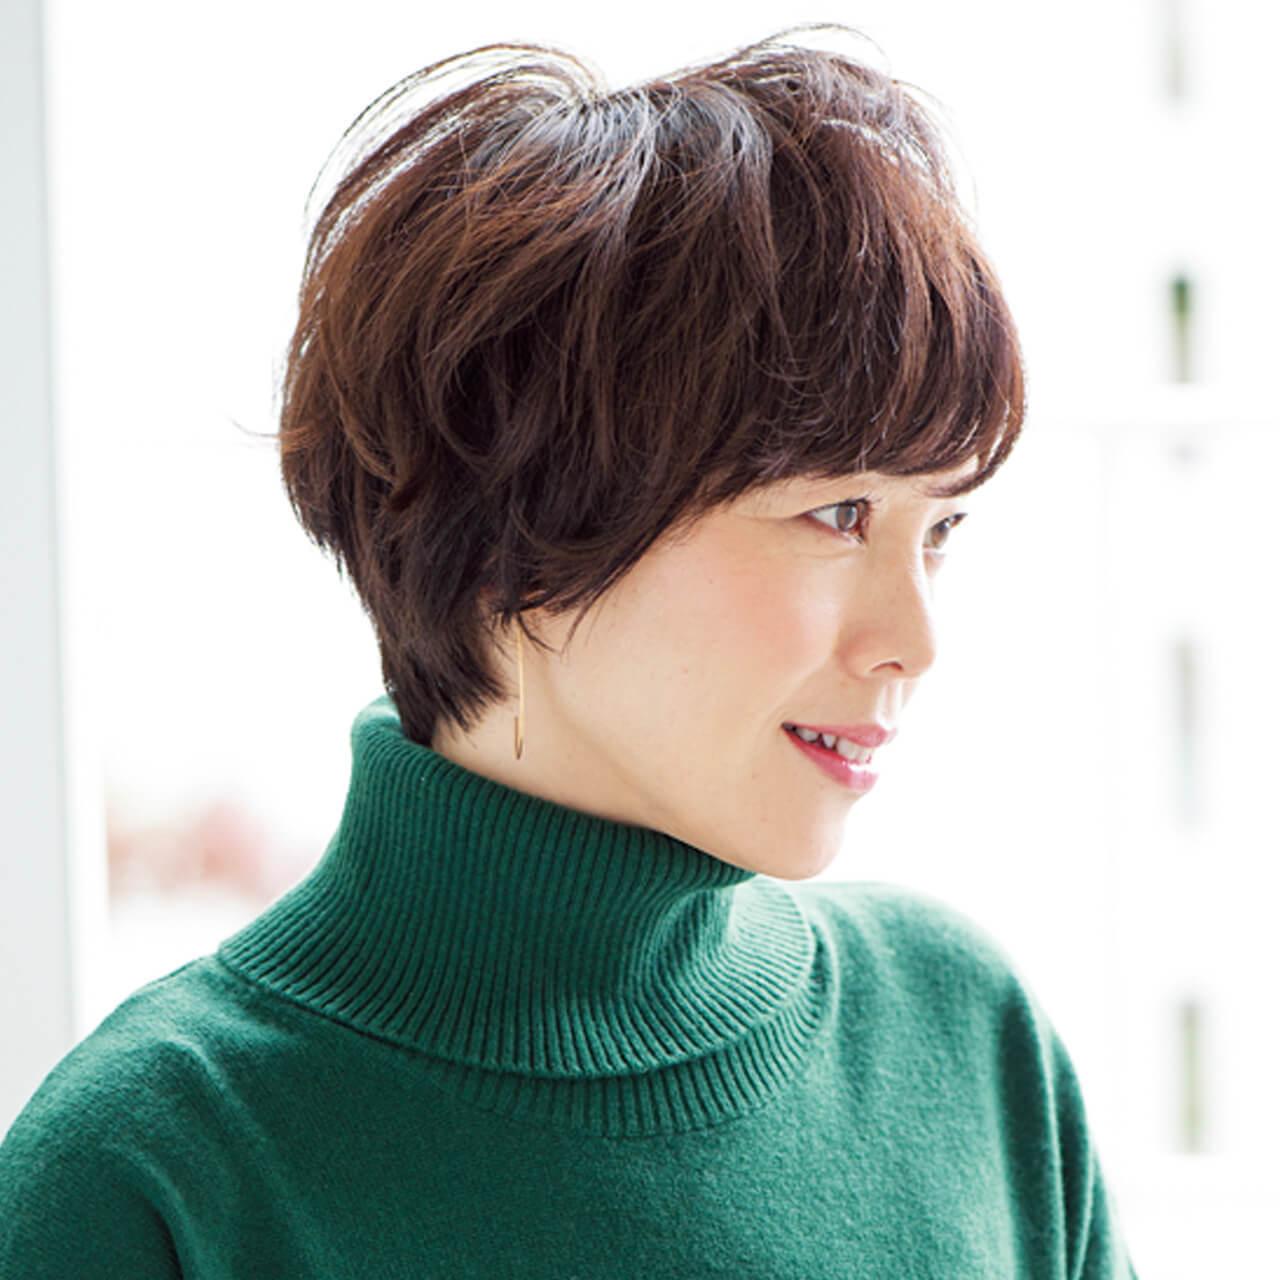 女っぷりのあがるマッシュショートヘア【40代のショートヘア】_1_2